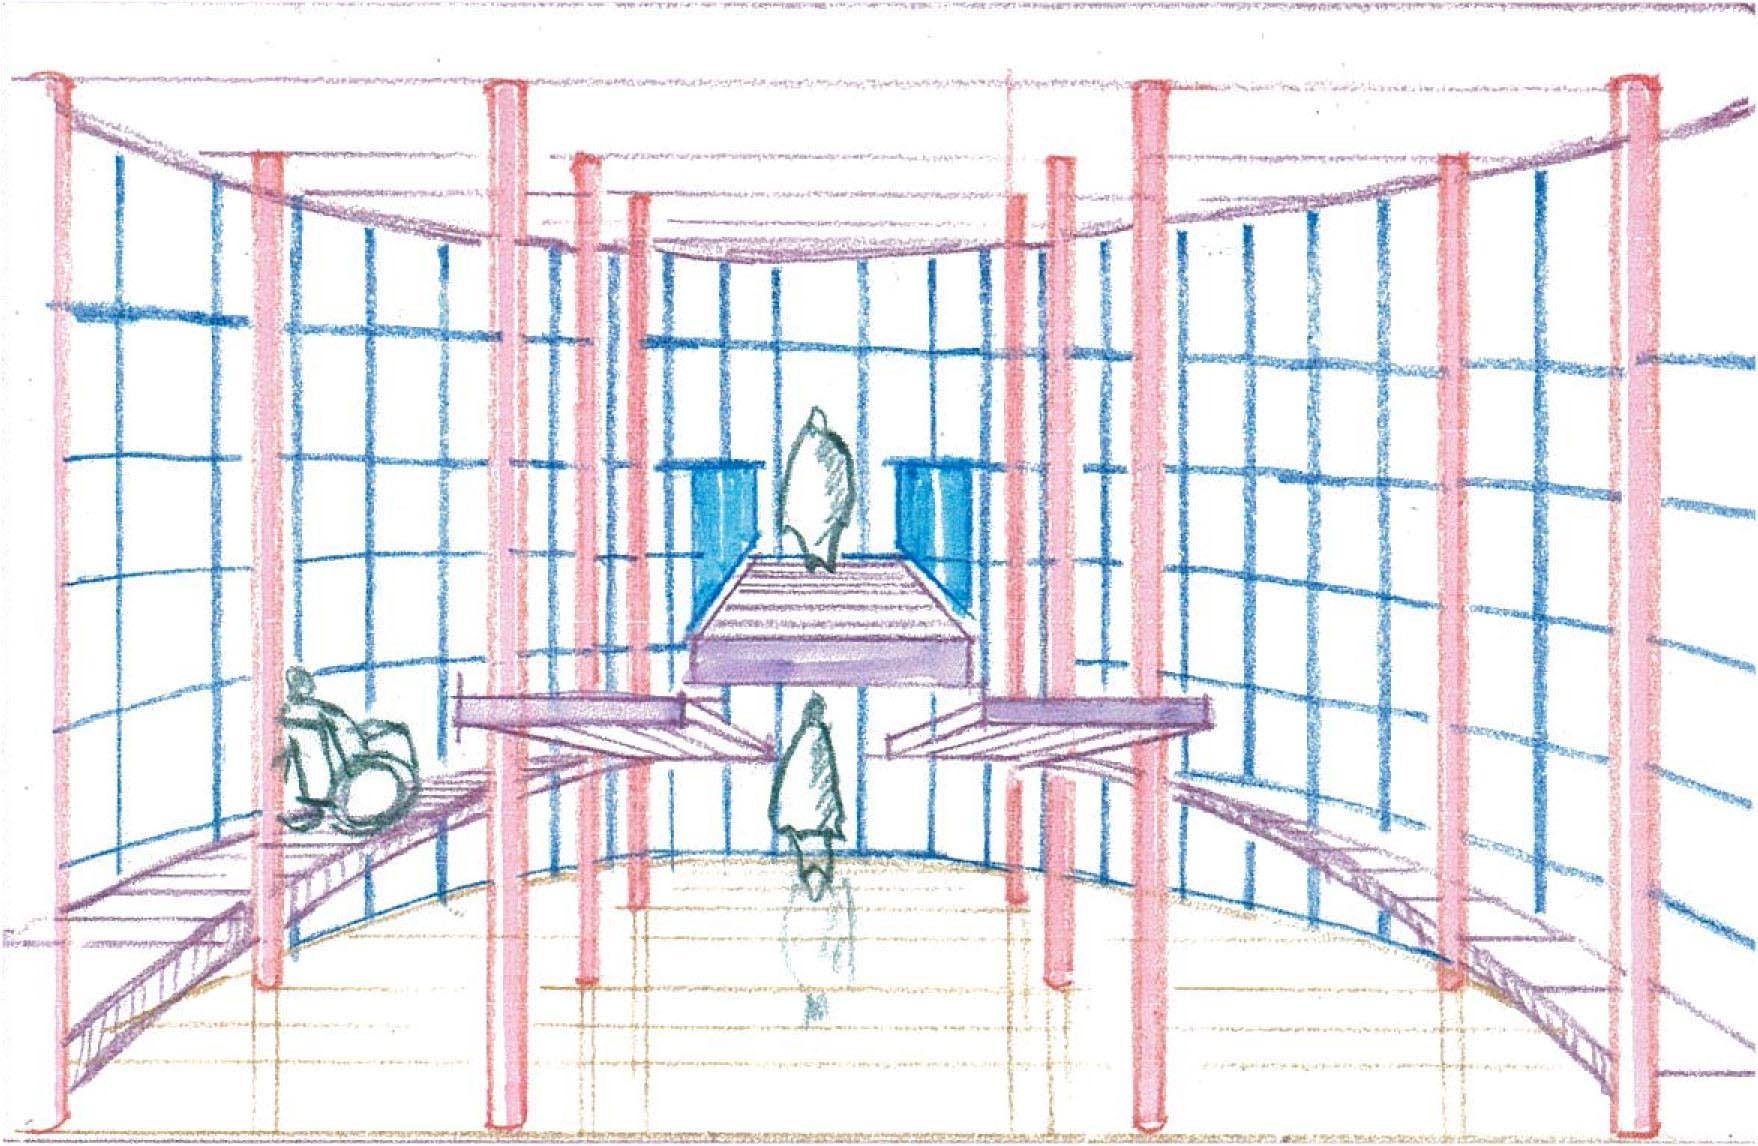 いえのえほん/過去へ・コンペ釧路芸術館1994_c0189970_09091507.jpg